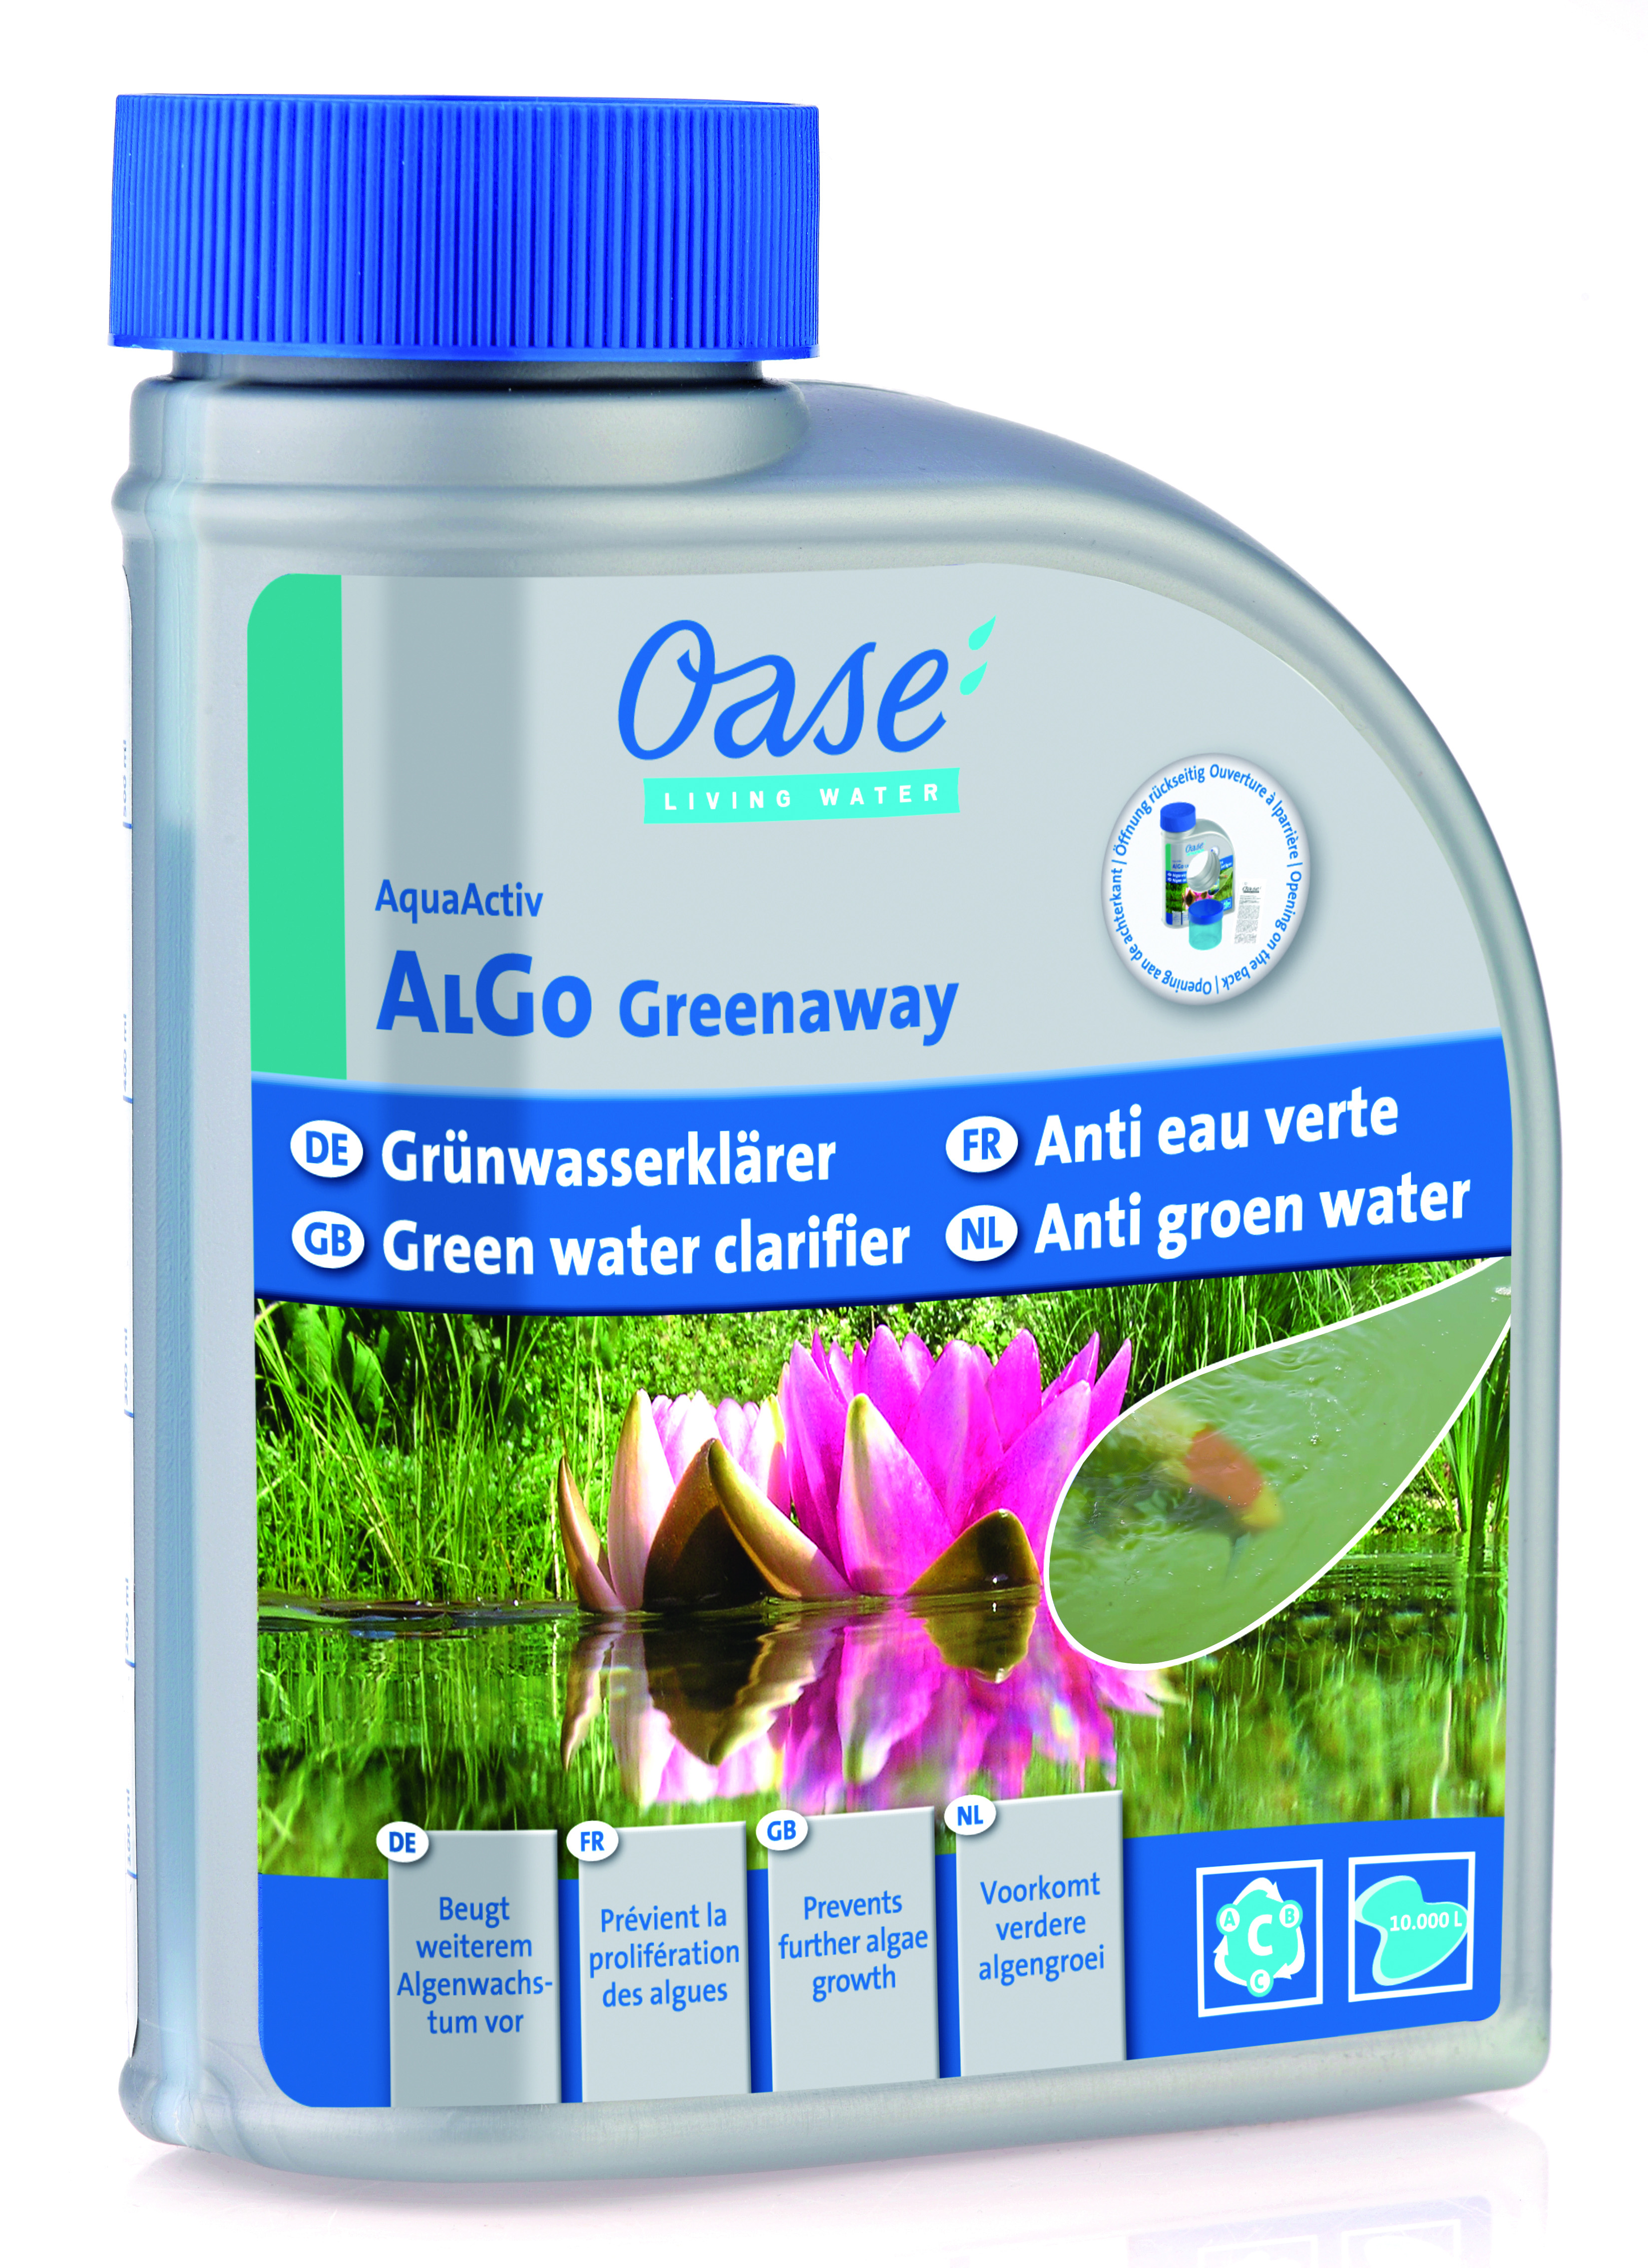 oase aquaactiv algo greenaway 500 ml ebay. Black Bedroom Furniture Sets. Home Design Ideas